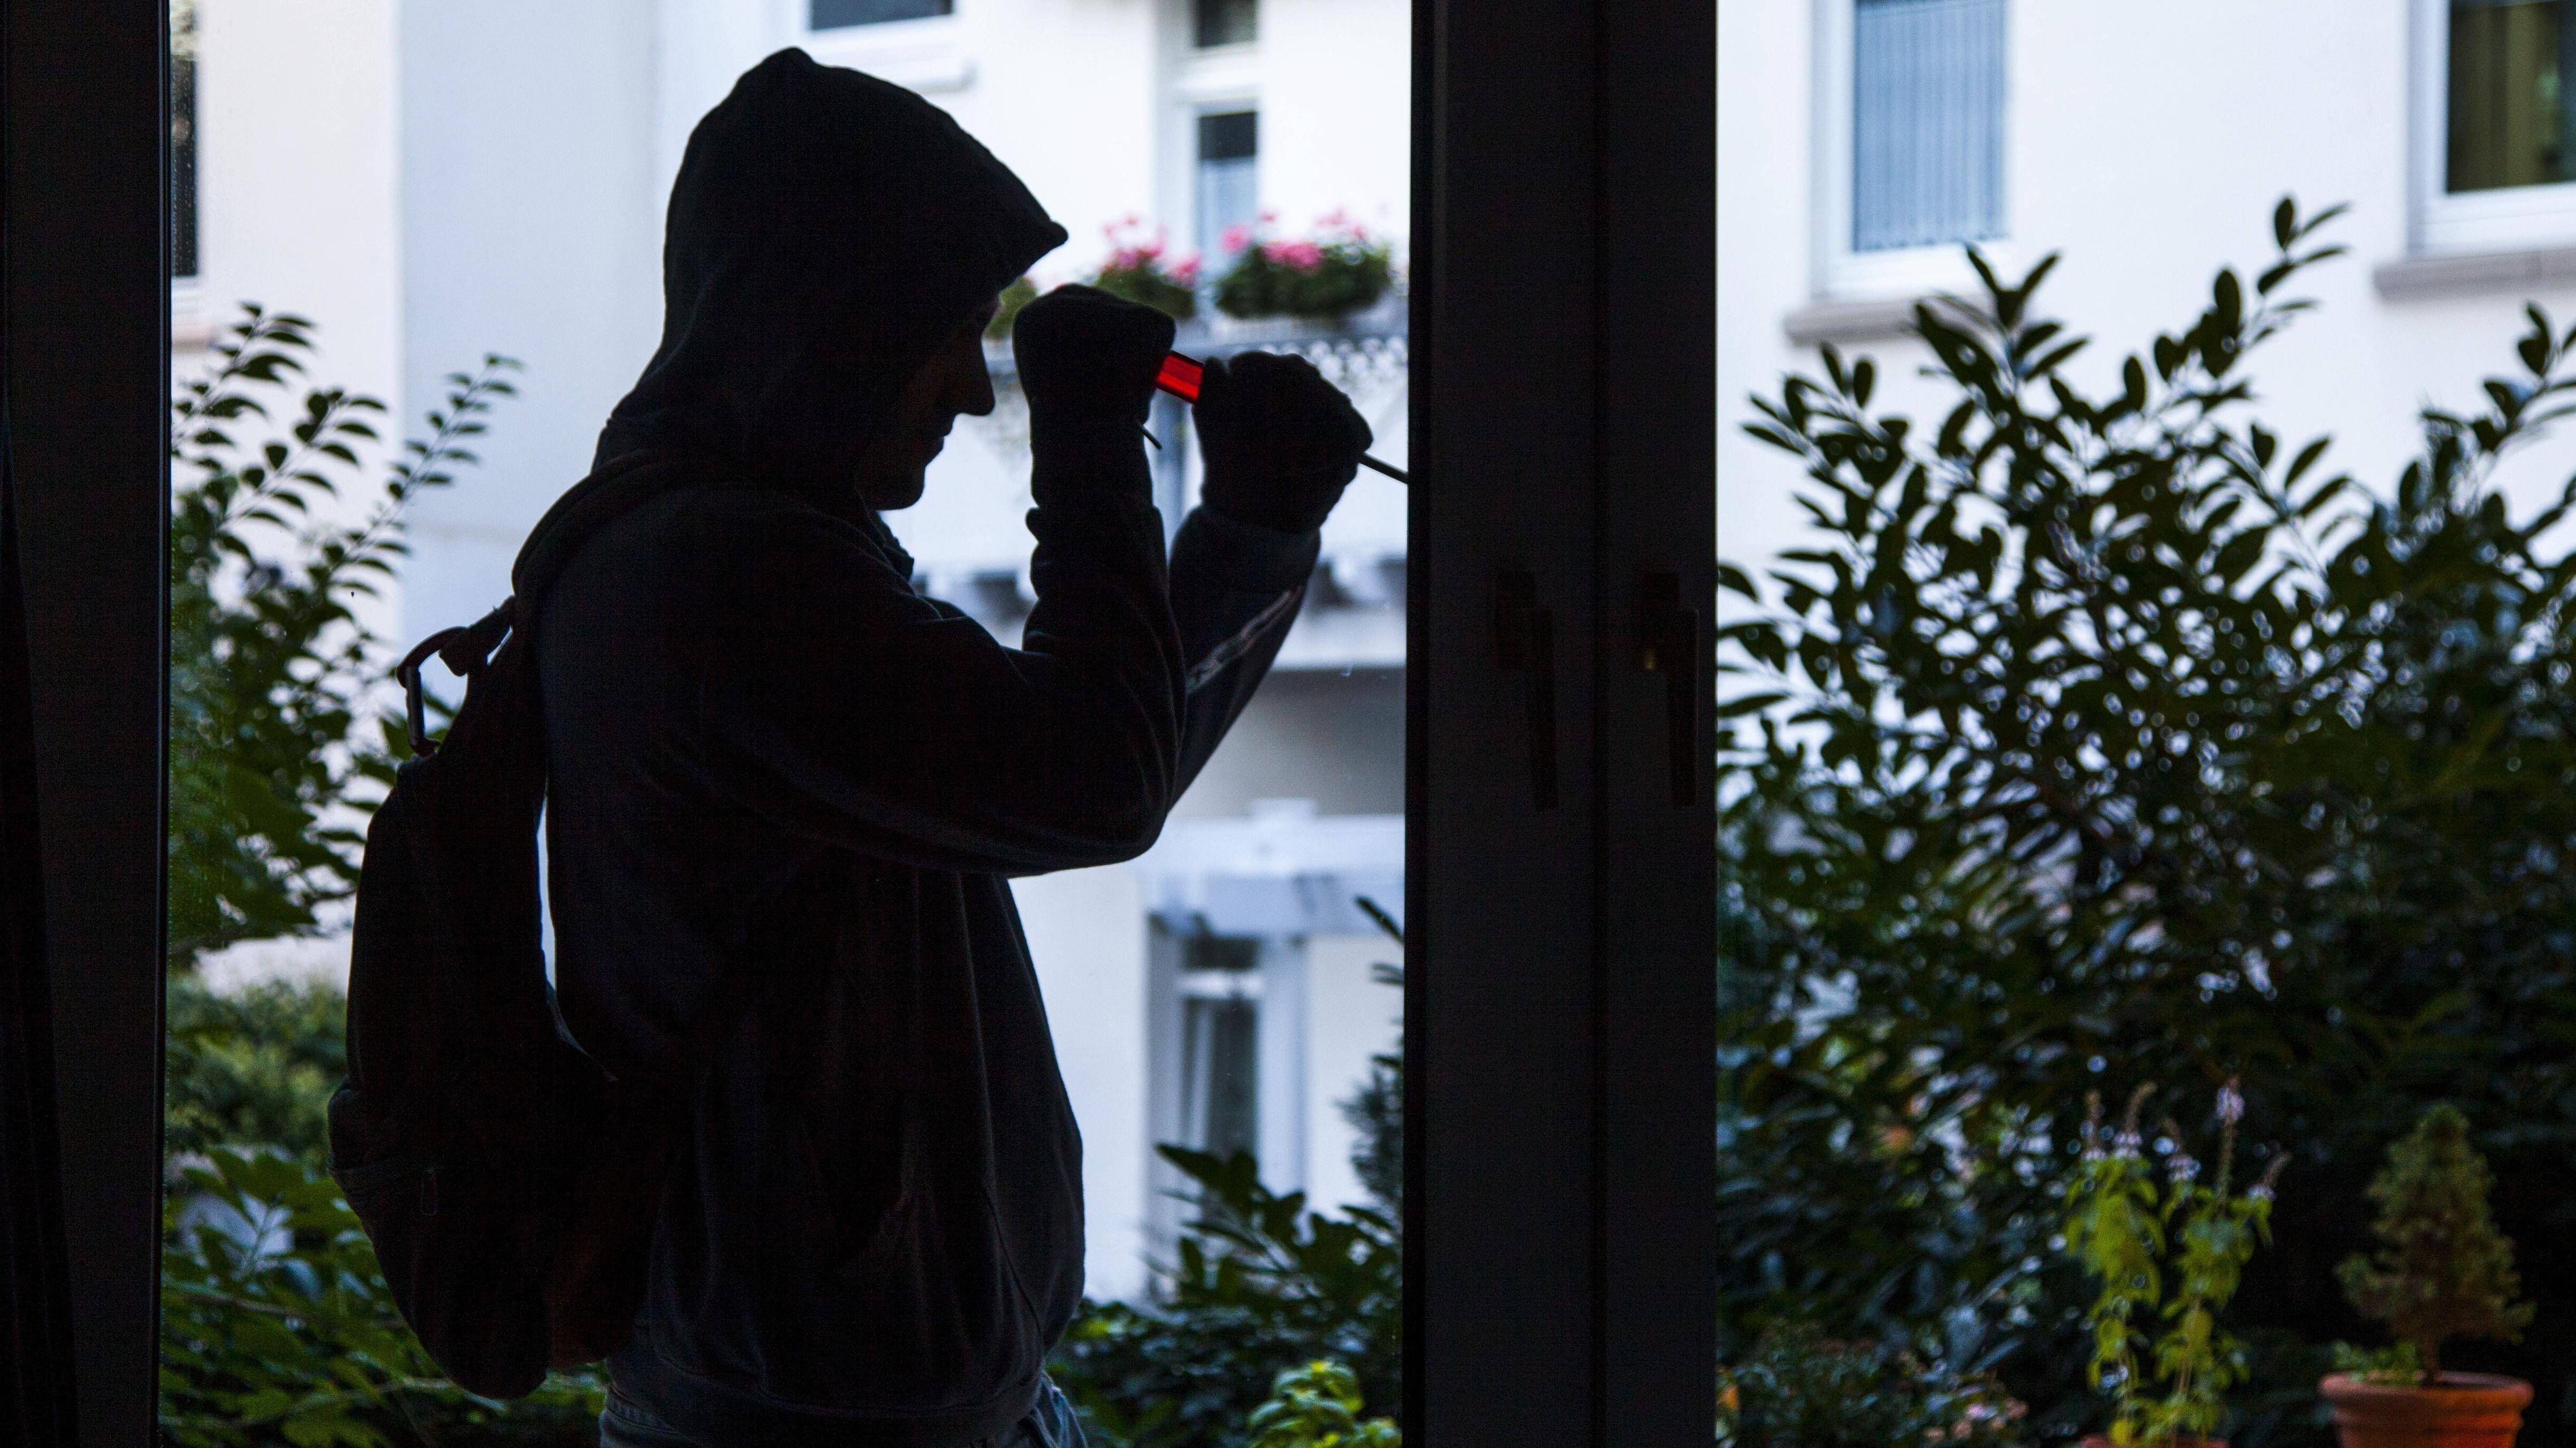 Einbrecher hebelt mit einem Schraubenzieher ein Fenster auf